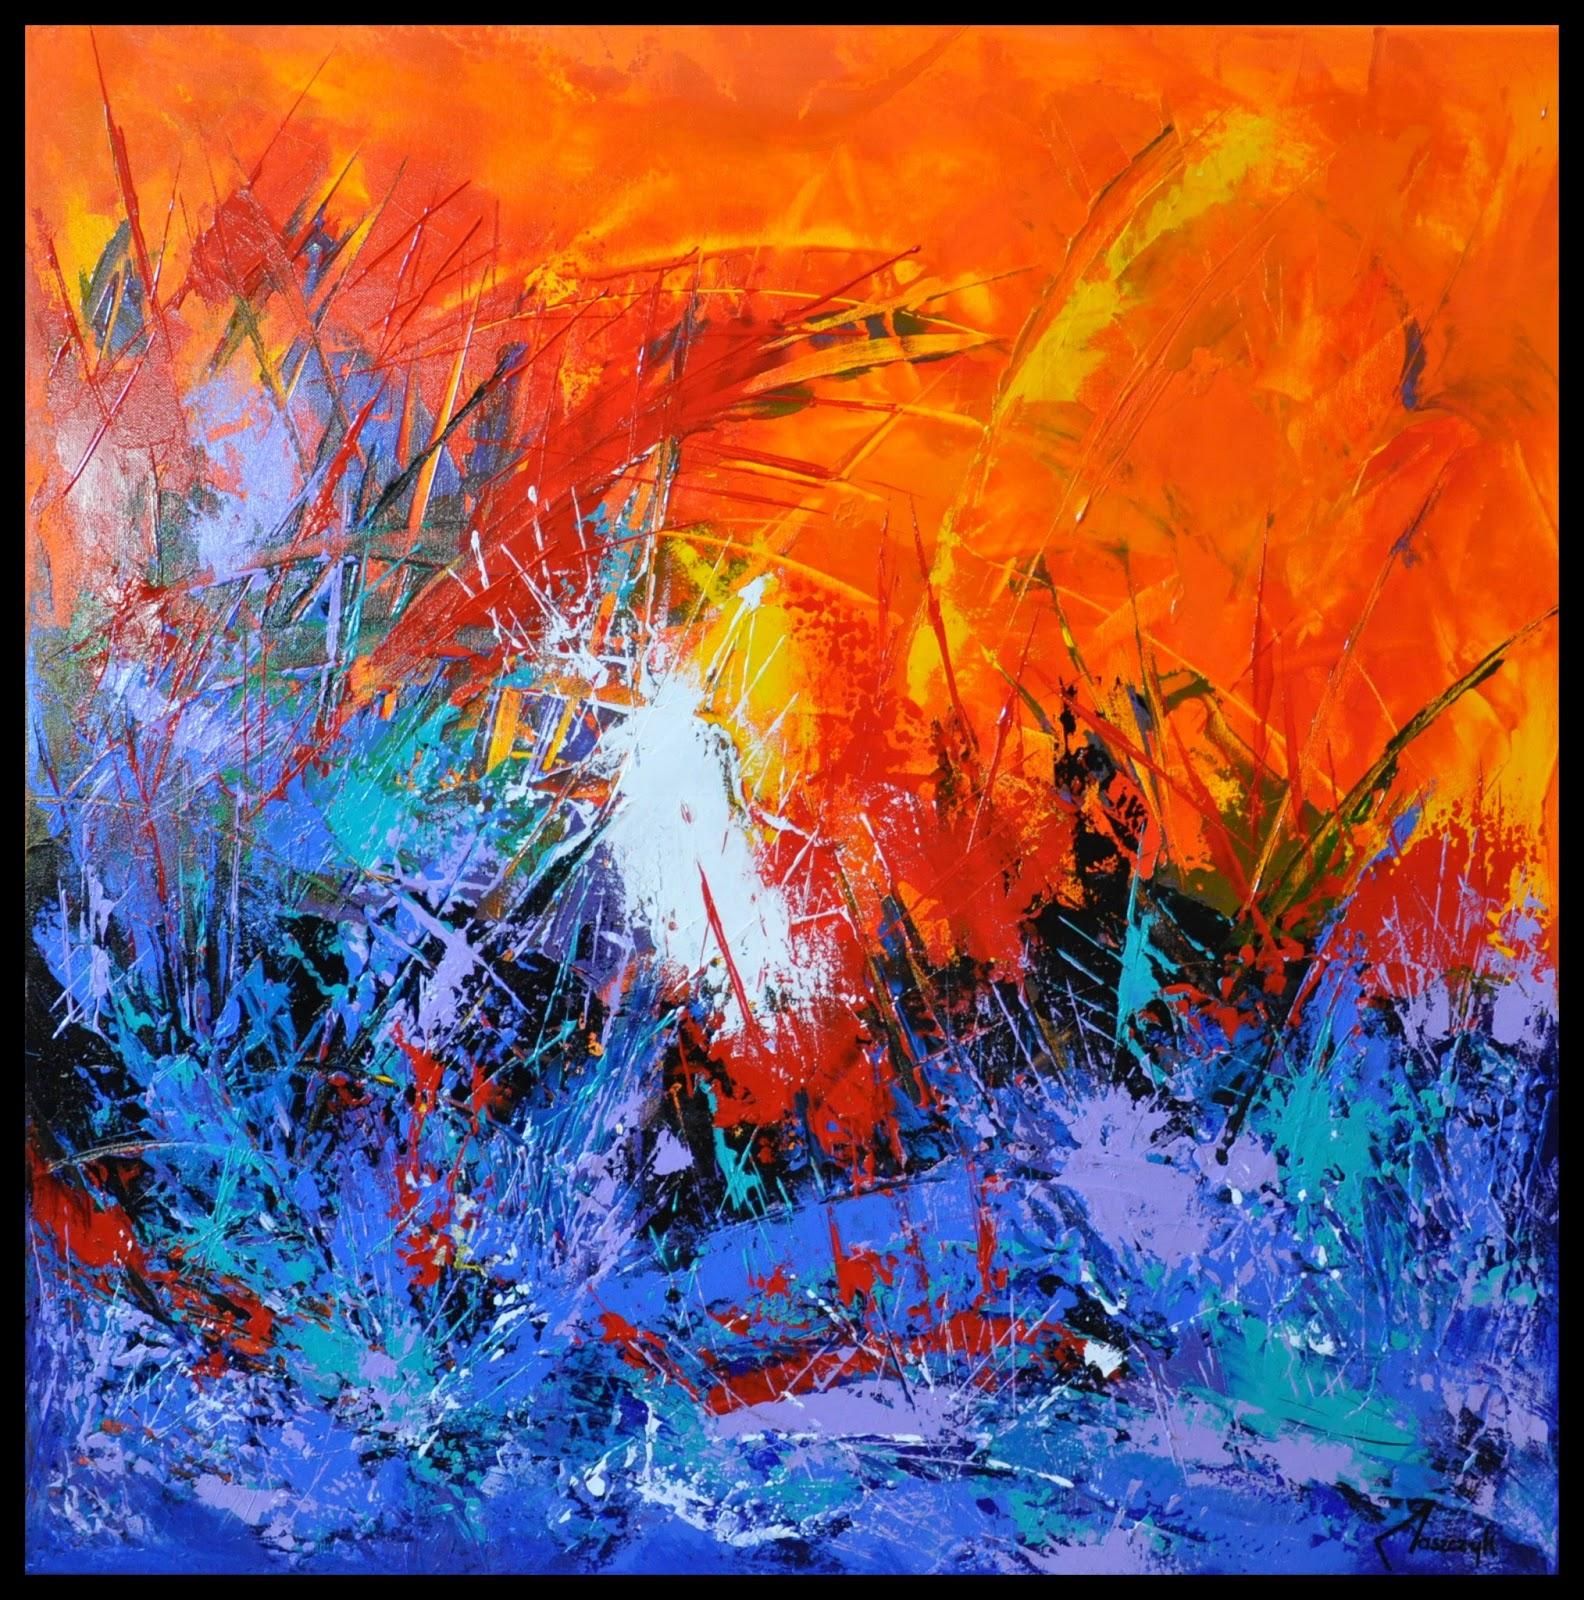 Galerie artistique b nodet f vrier 2013 for Abstraction lyrique